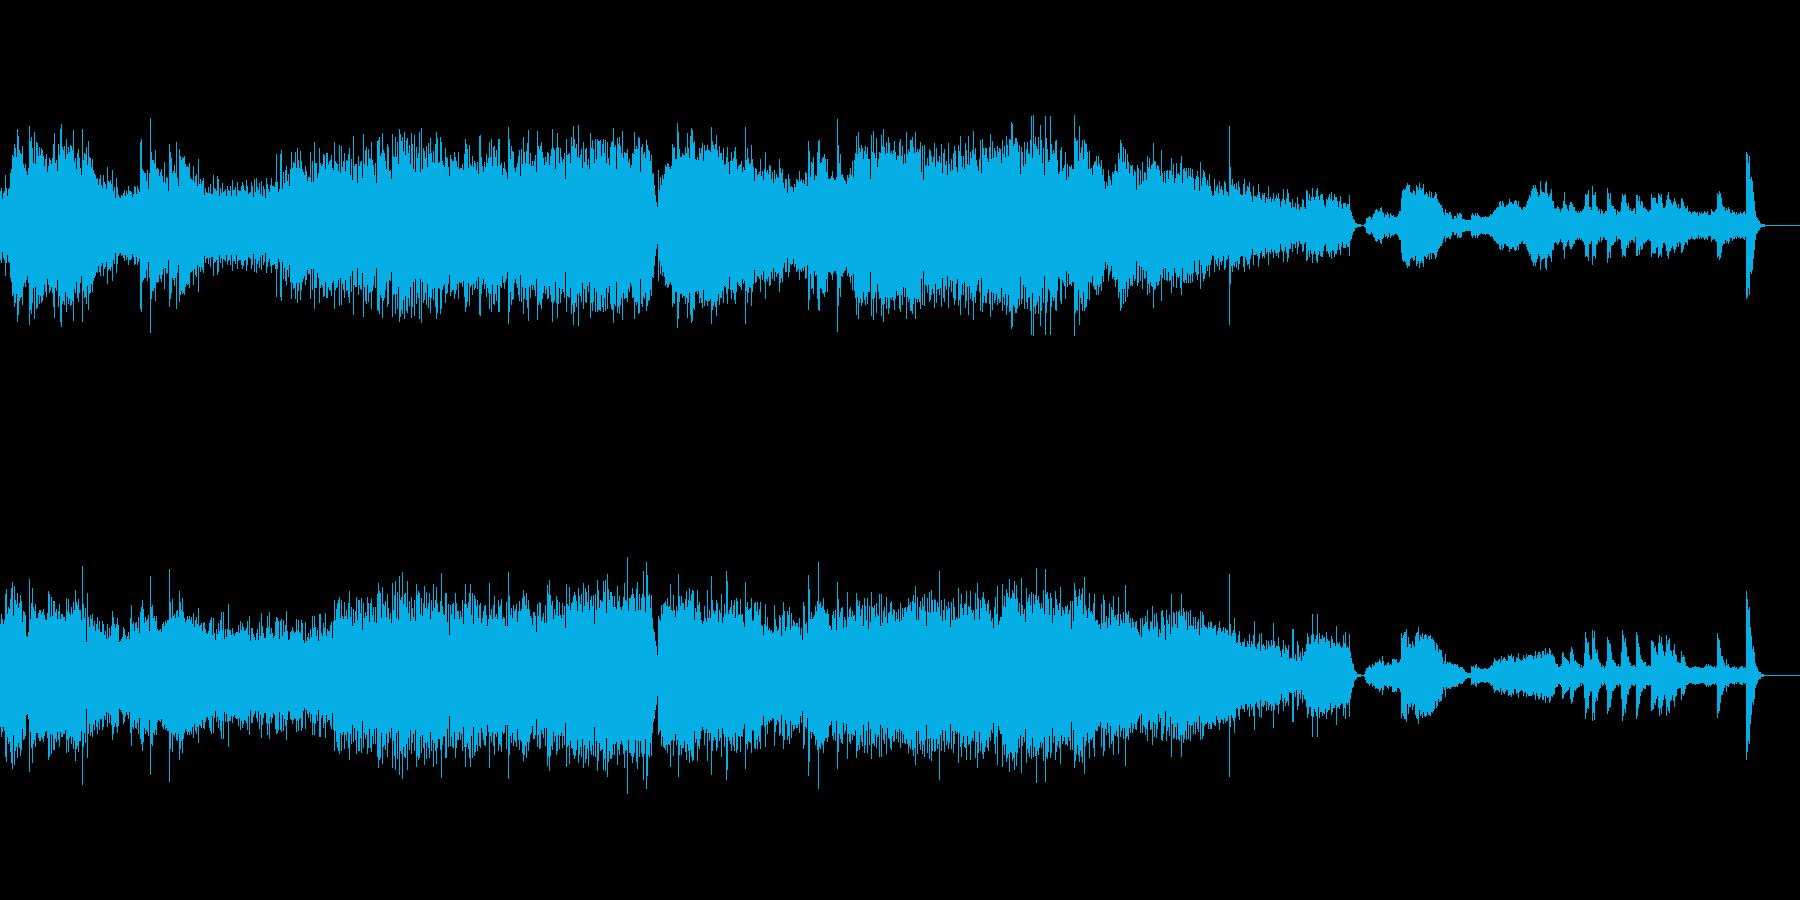 迫り来るドラマティックなクラシック音楽の再生済みの波形